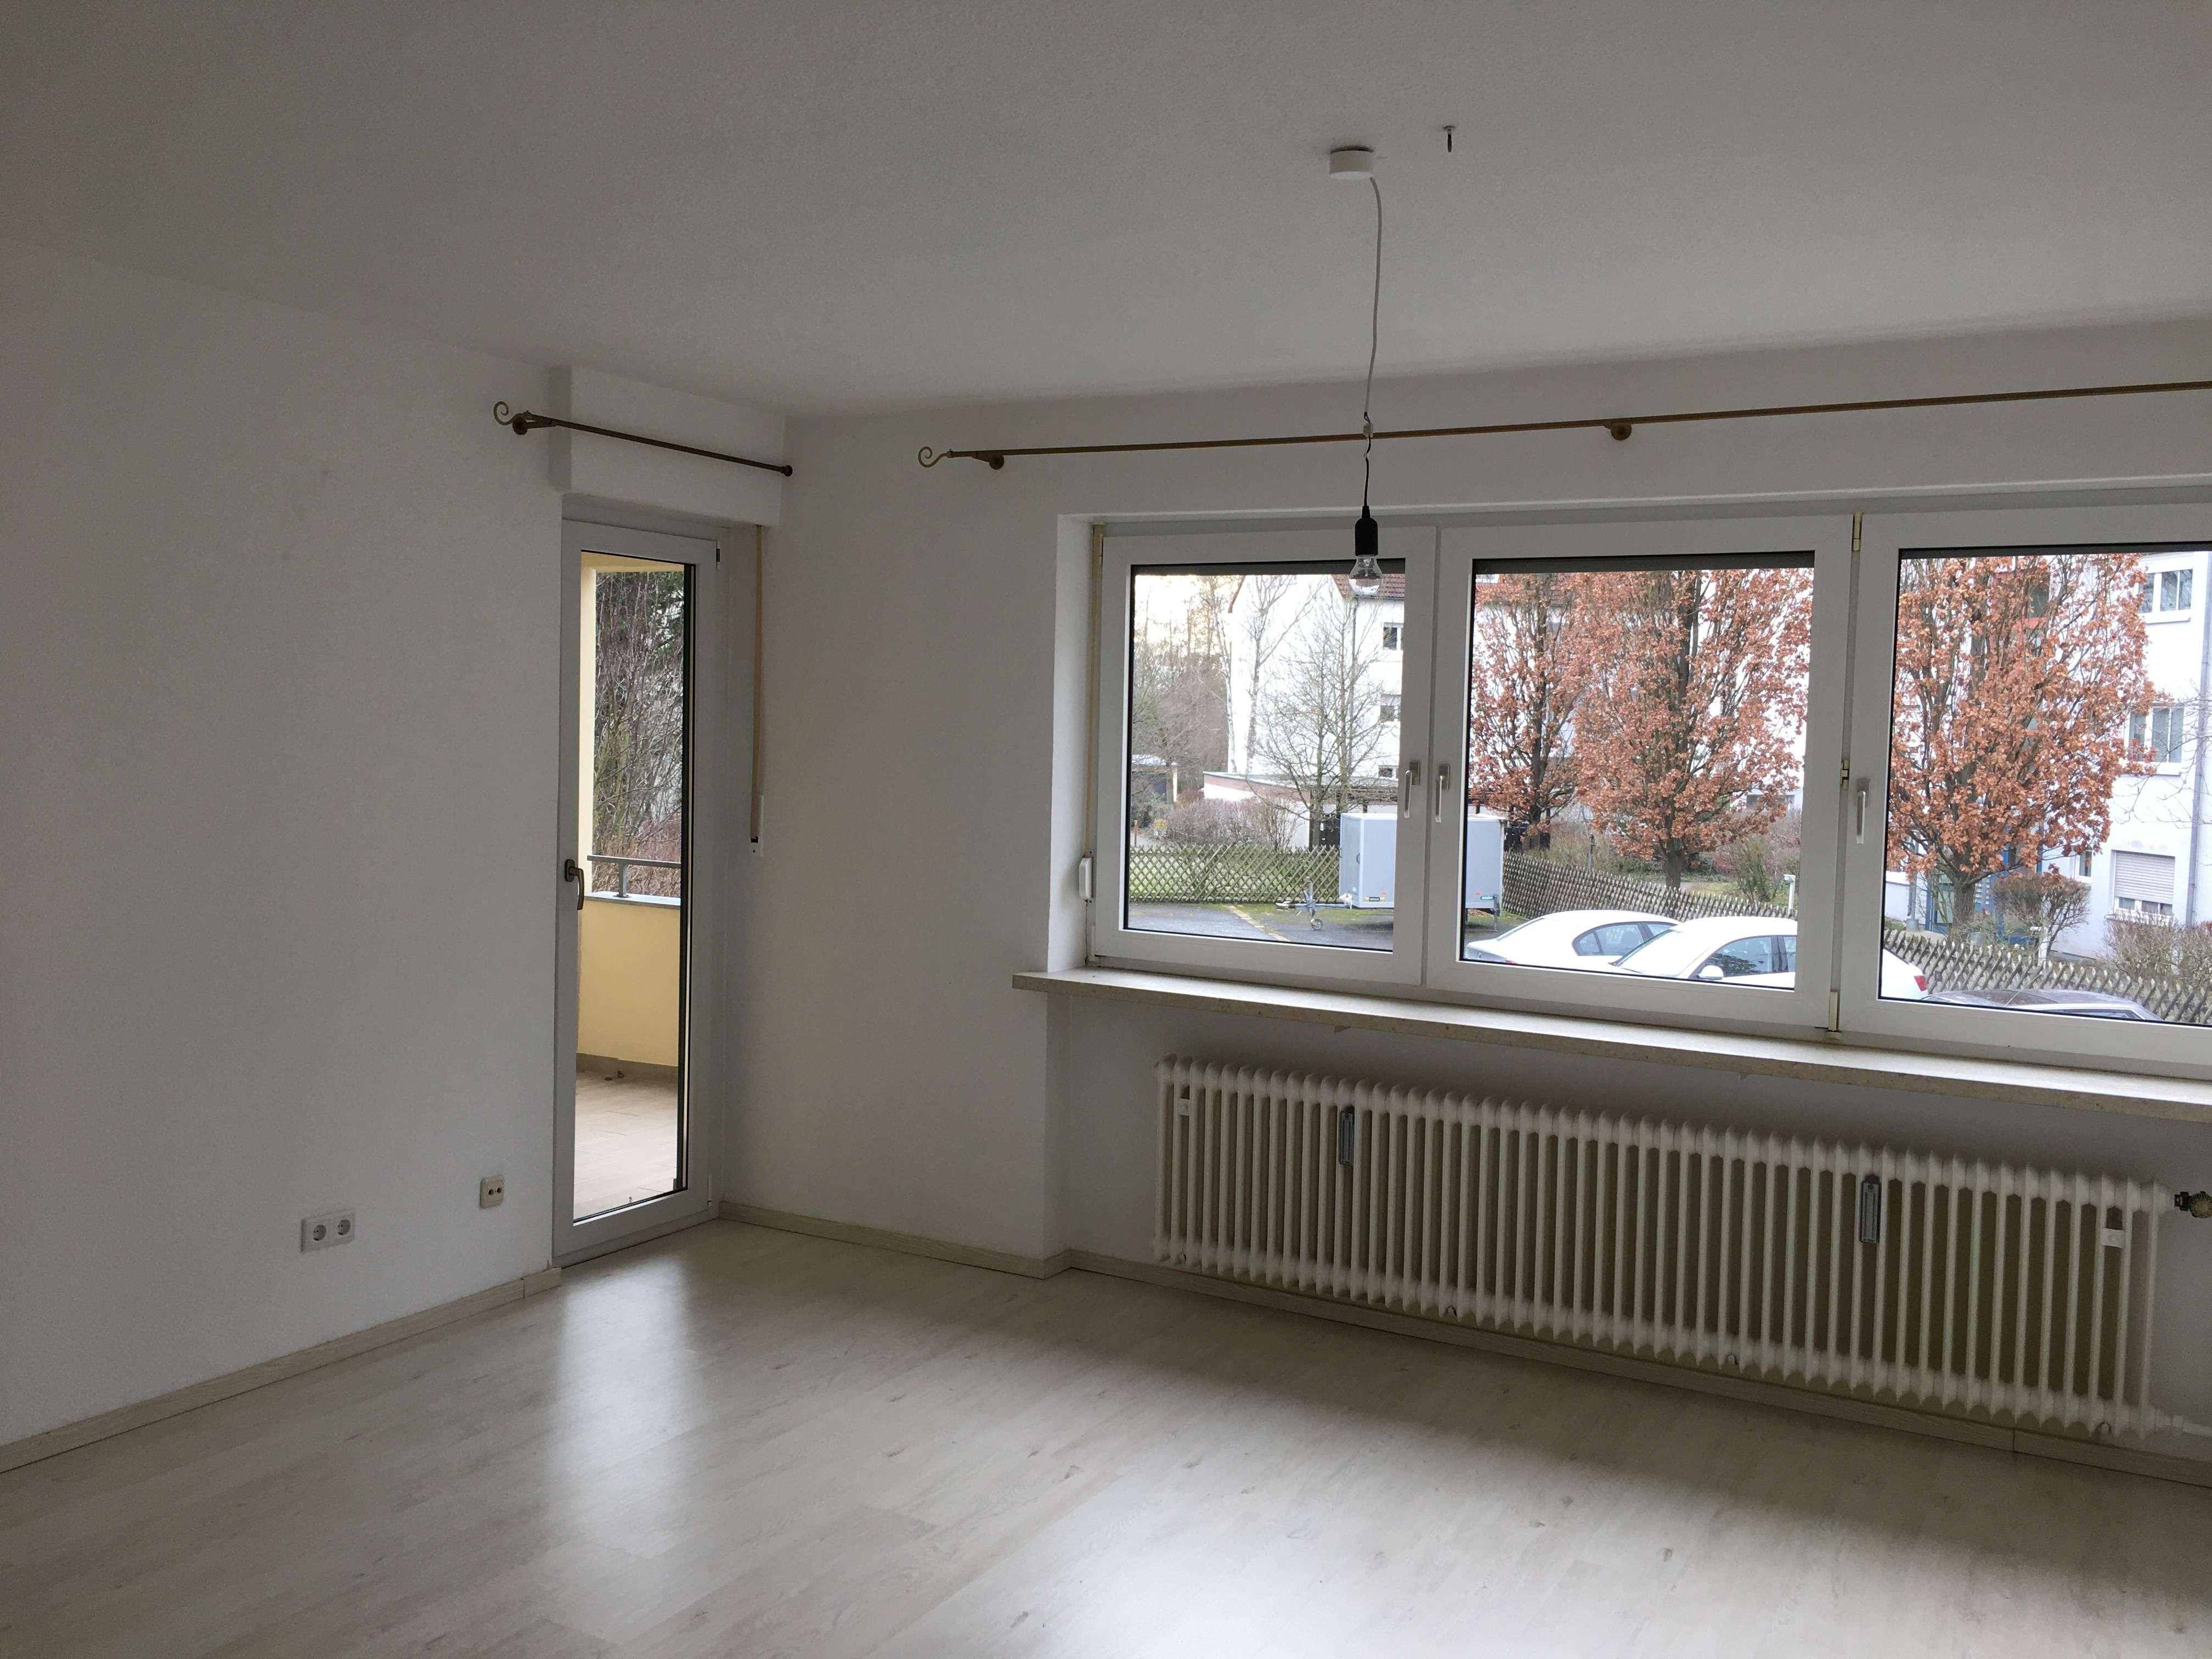 Schöne zwei Zimmer Wohnung in Erlangen, Sieglitzhof in Sieglitzhof (Erlangen)